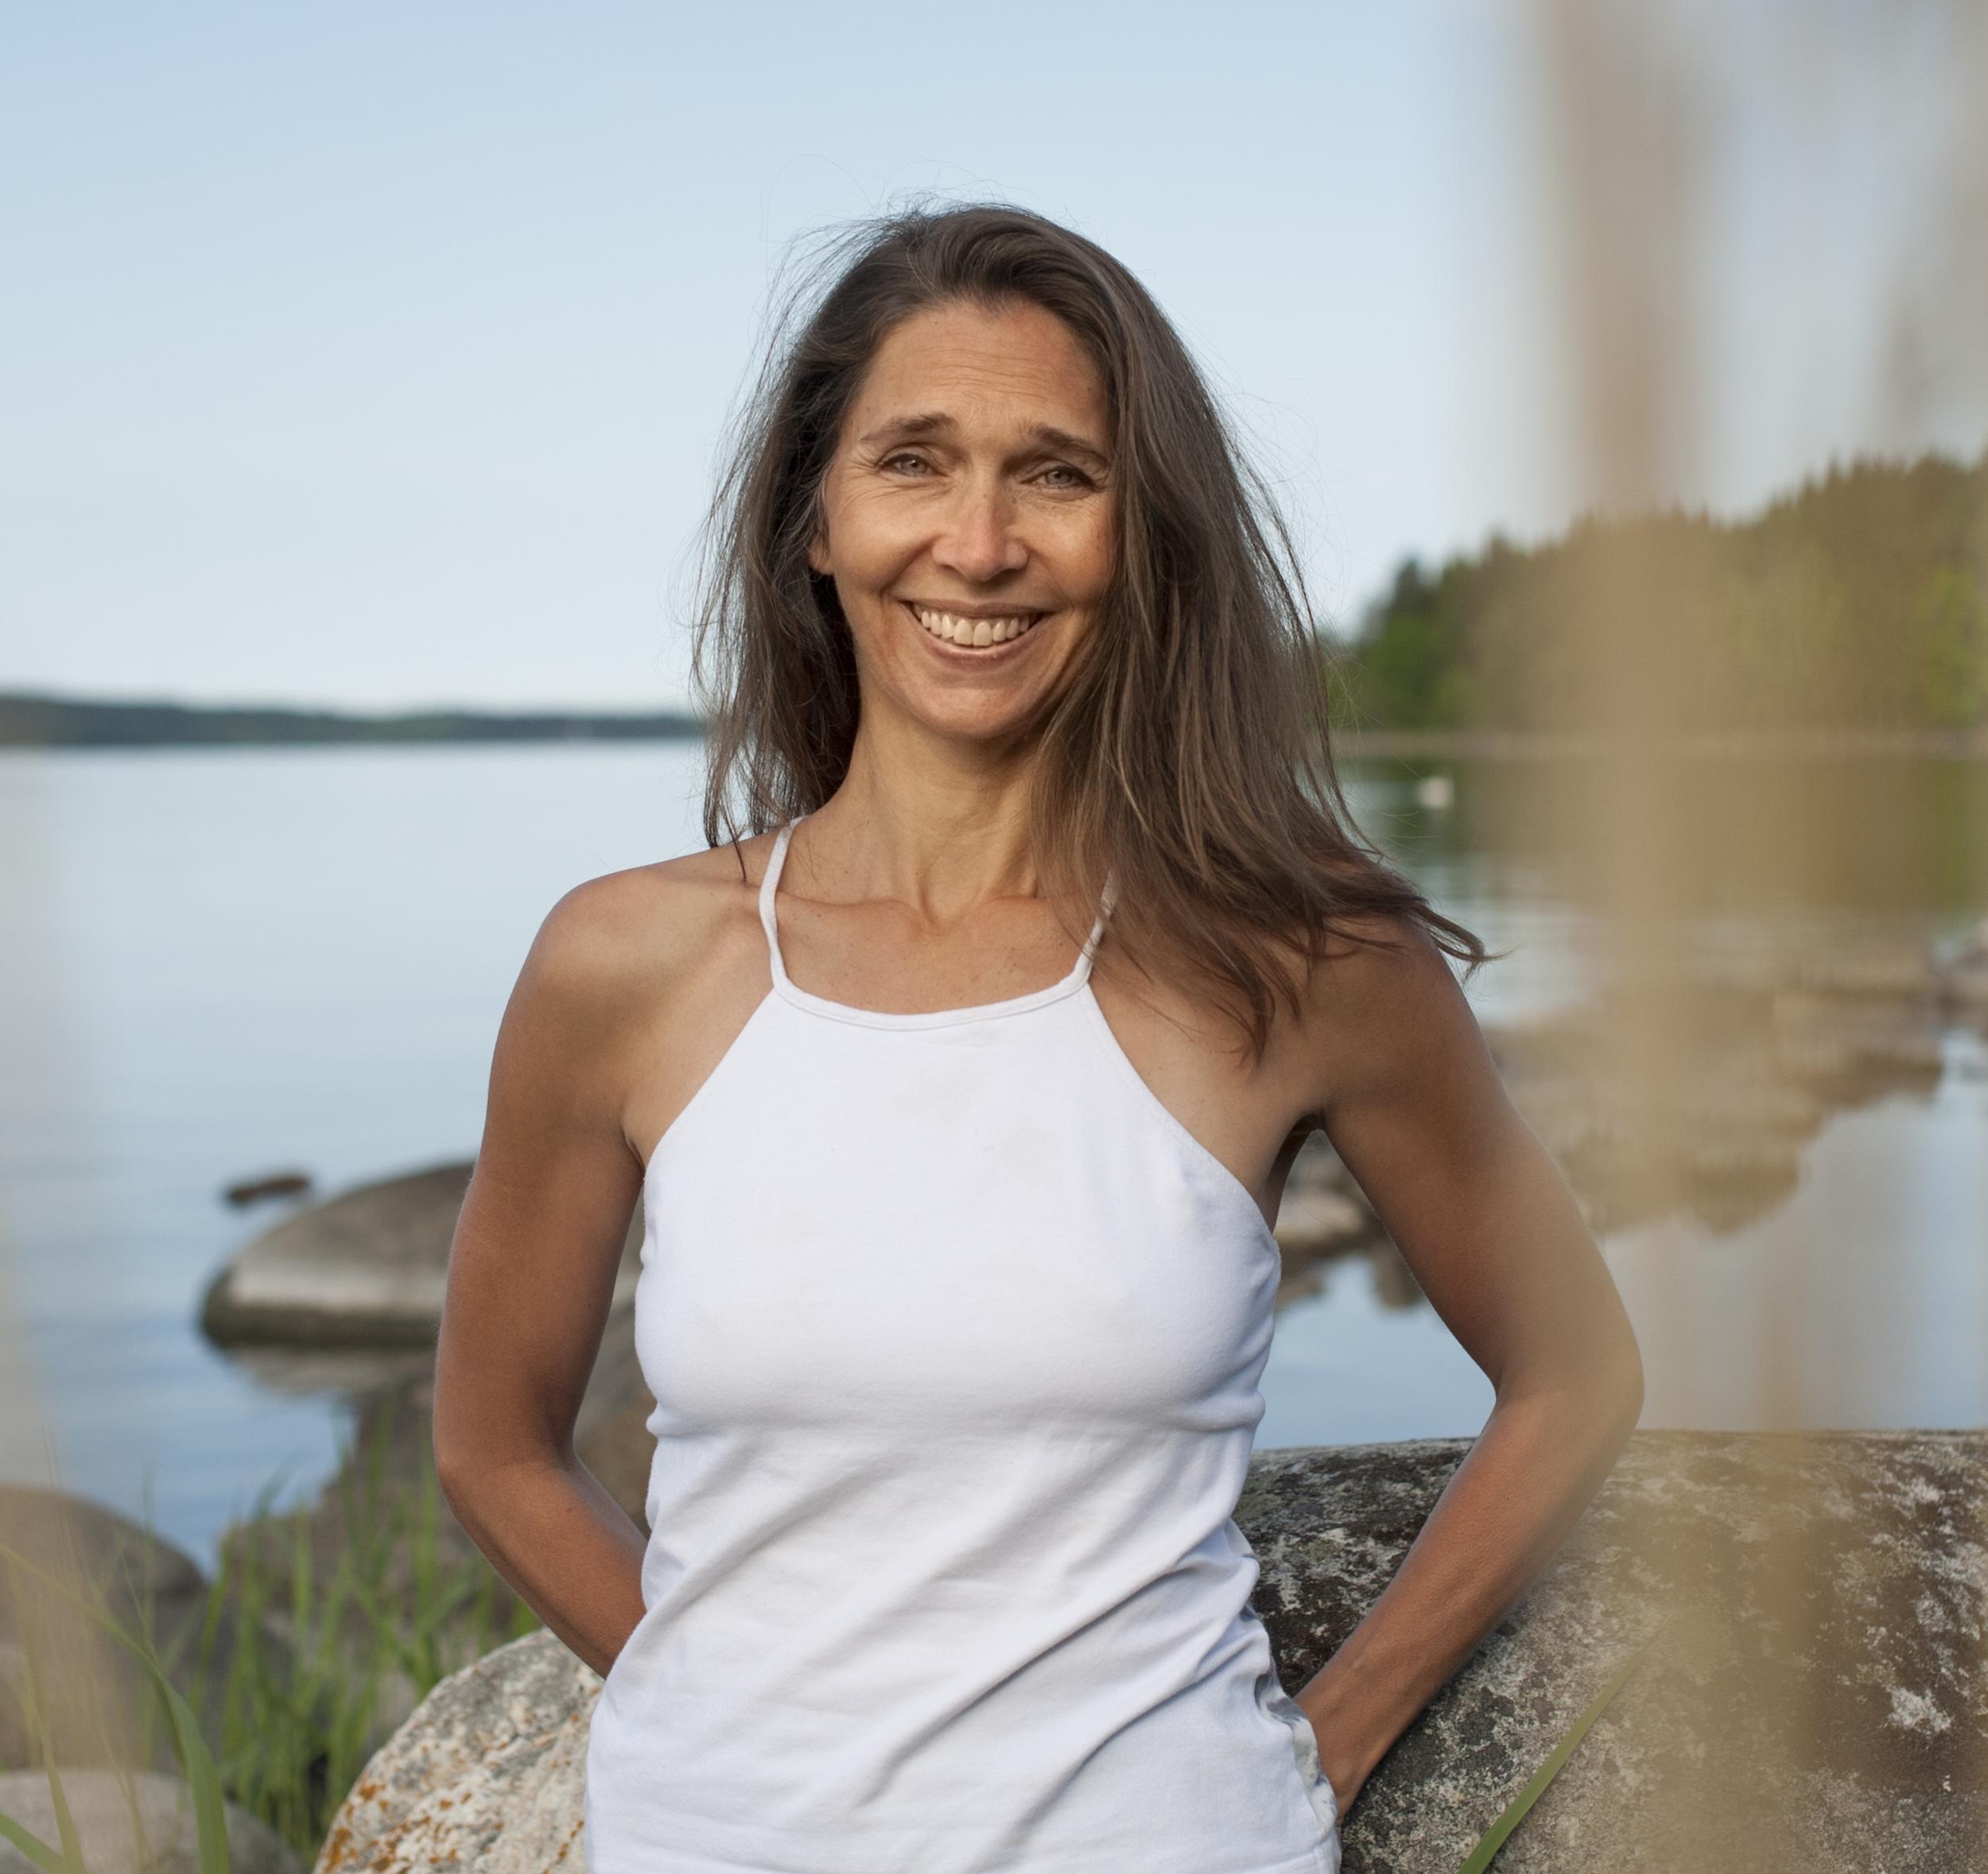 """- Om Malin Delägare/GrundareDansen och rörelsen har funnits med Malin hela livet och det var därigenom hon först hittade meditationen och därefter yogan. Kärleken till yogan består av en längtan till den djupa visdom som finns i yogan. """"Yogan hjälper mig att våga följa min väg och leva livet så fullt jag bara kan"""", säger Malin.Malin är certifierad E-RYT 500 enligt YA och är utbildad i bl.a. hathayoga, yinyoga och restorativeyoga. Malin är också danspedagog och har i botten en pedagogisk utbildning. Hon har drivit yogastudio i Vaxholm sen 2013, håller yogaverksamhet på västkusten samt bedriver yogaresor och håller yogalärarutbildingar i såväl hathayoga som yinyoga."""